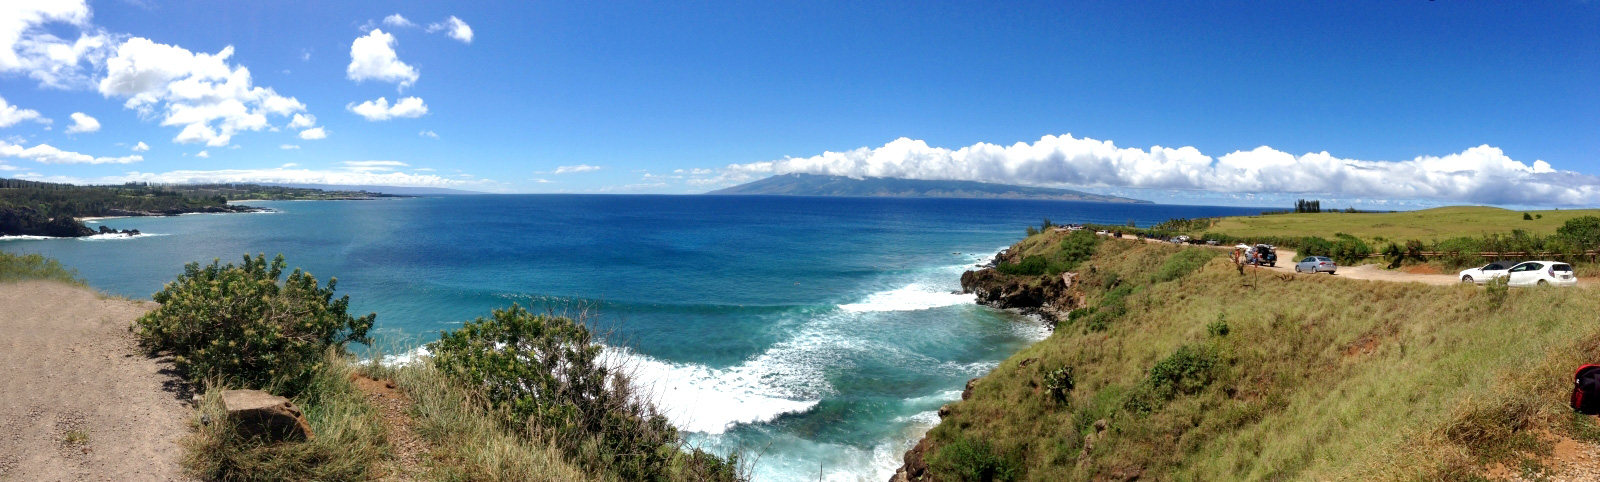 Air_Tours_Maui.jpg